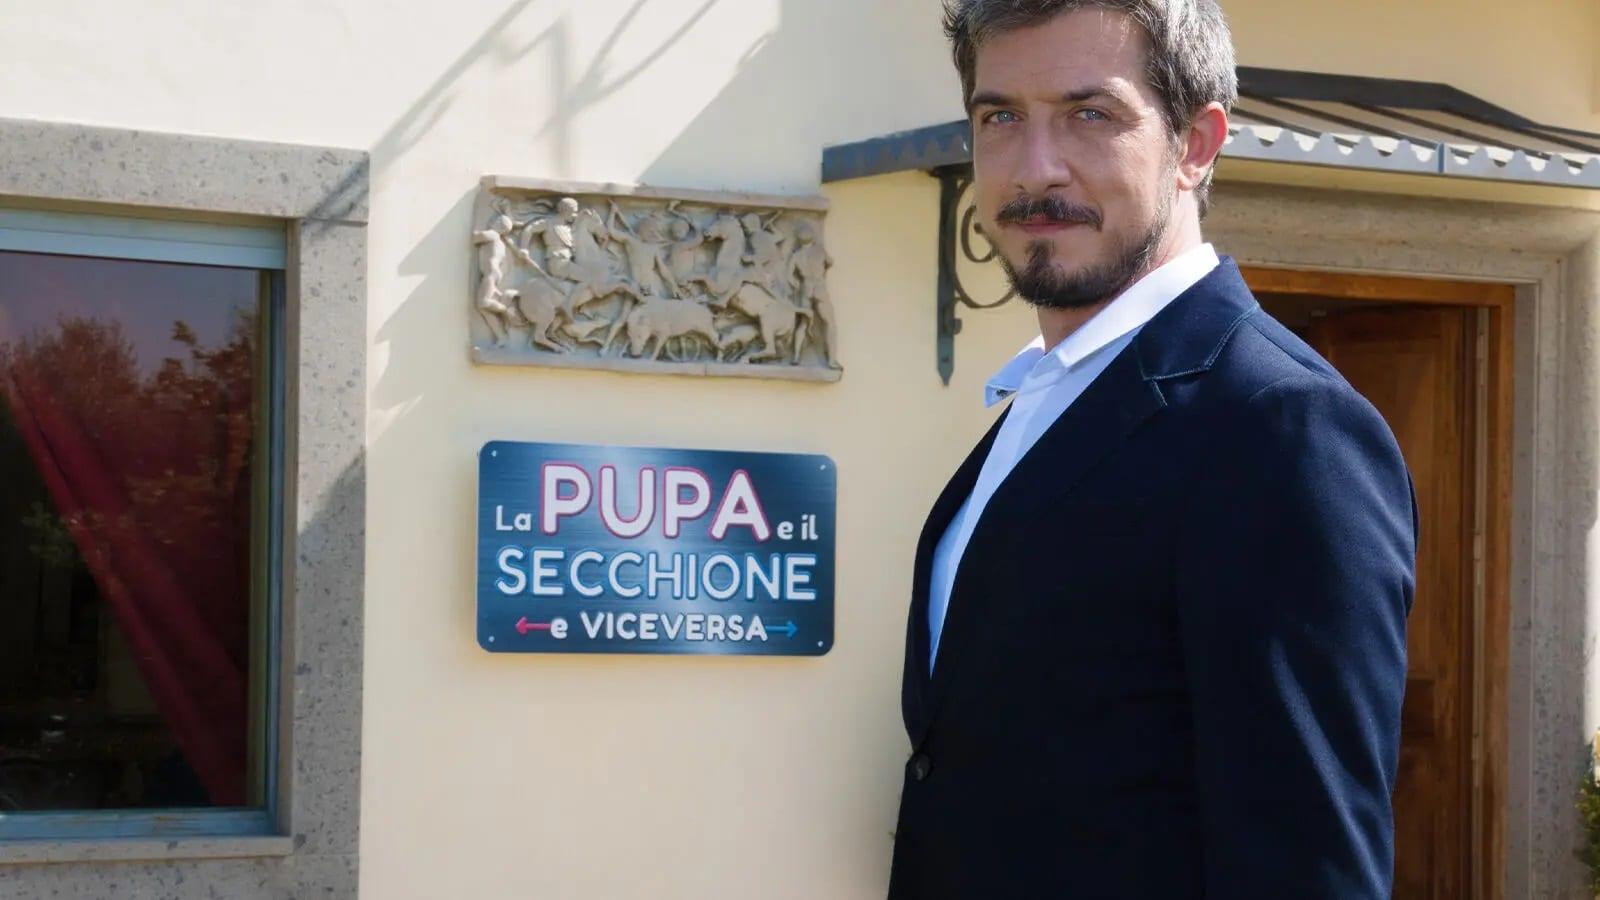 La Pupa e il Secchione e viceversa quinta puntata, su Italia 1